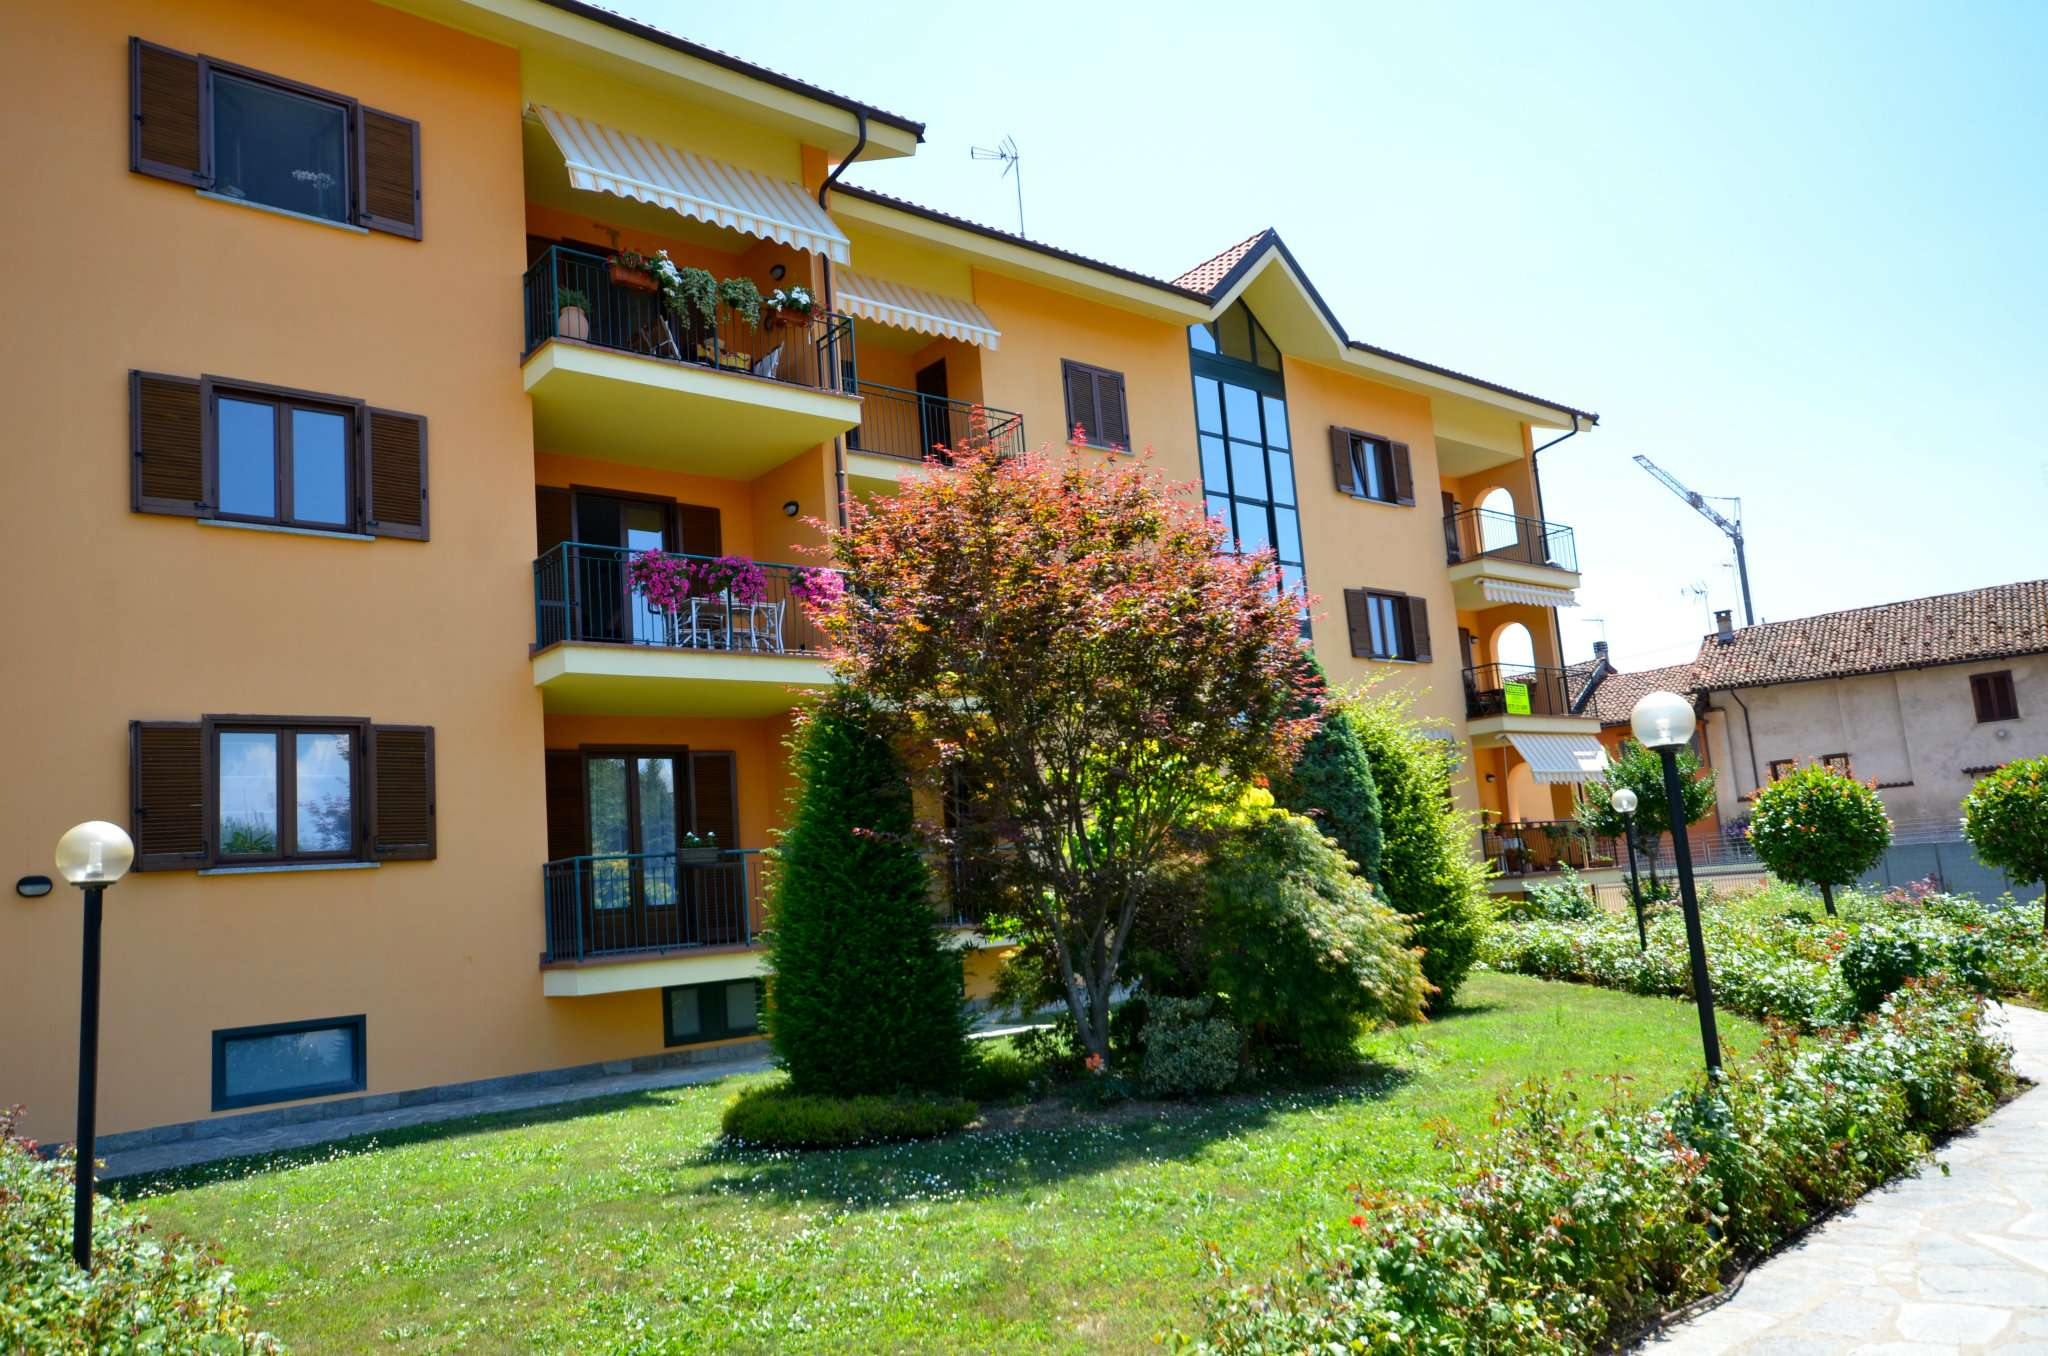 Appartamento in vendita a Centallo, 3 locali, prezzo € 130.000 | CambioCasa.it